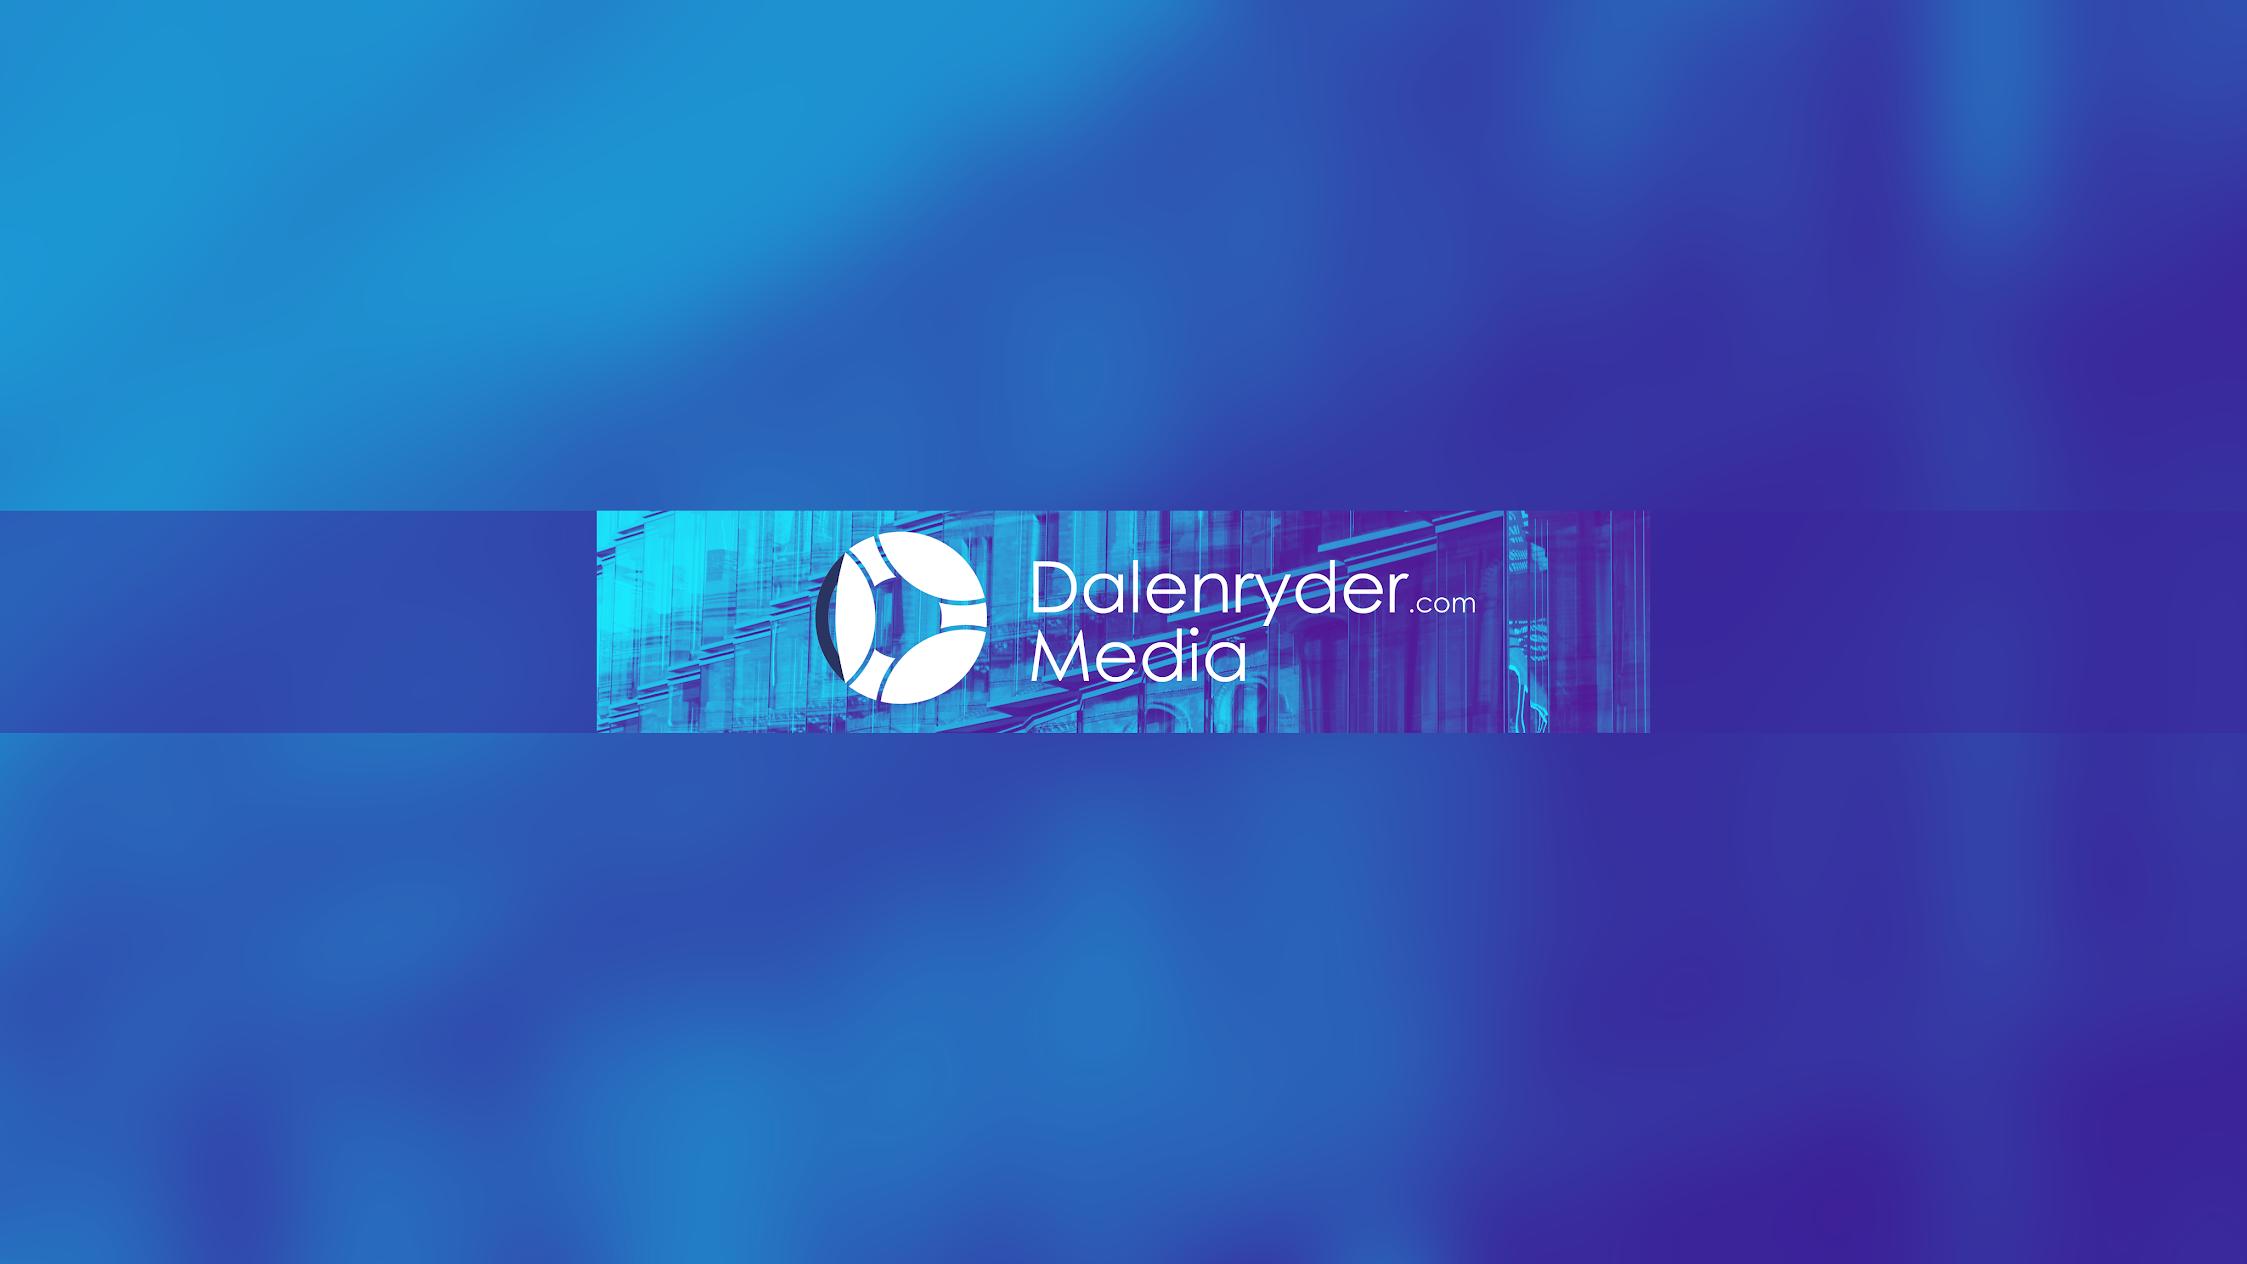 Dalenryder Media